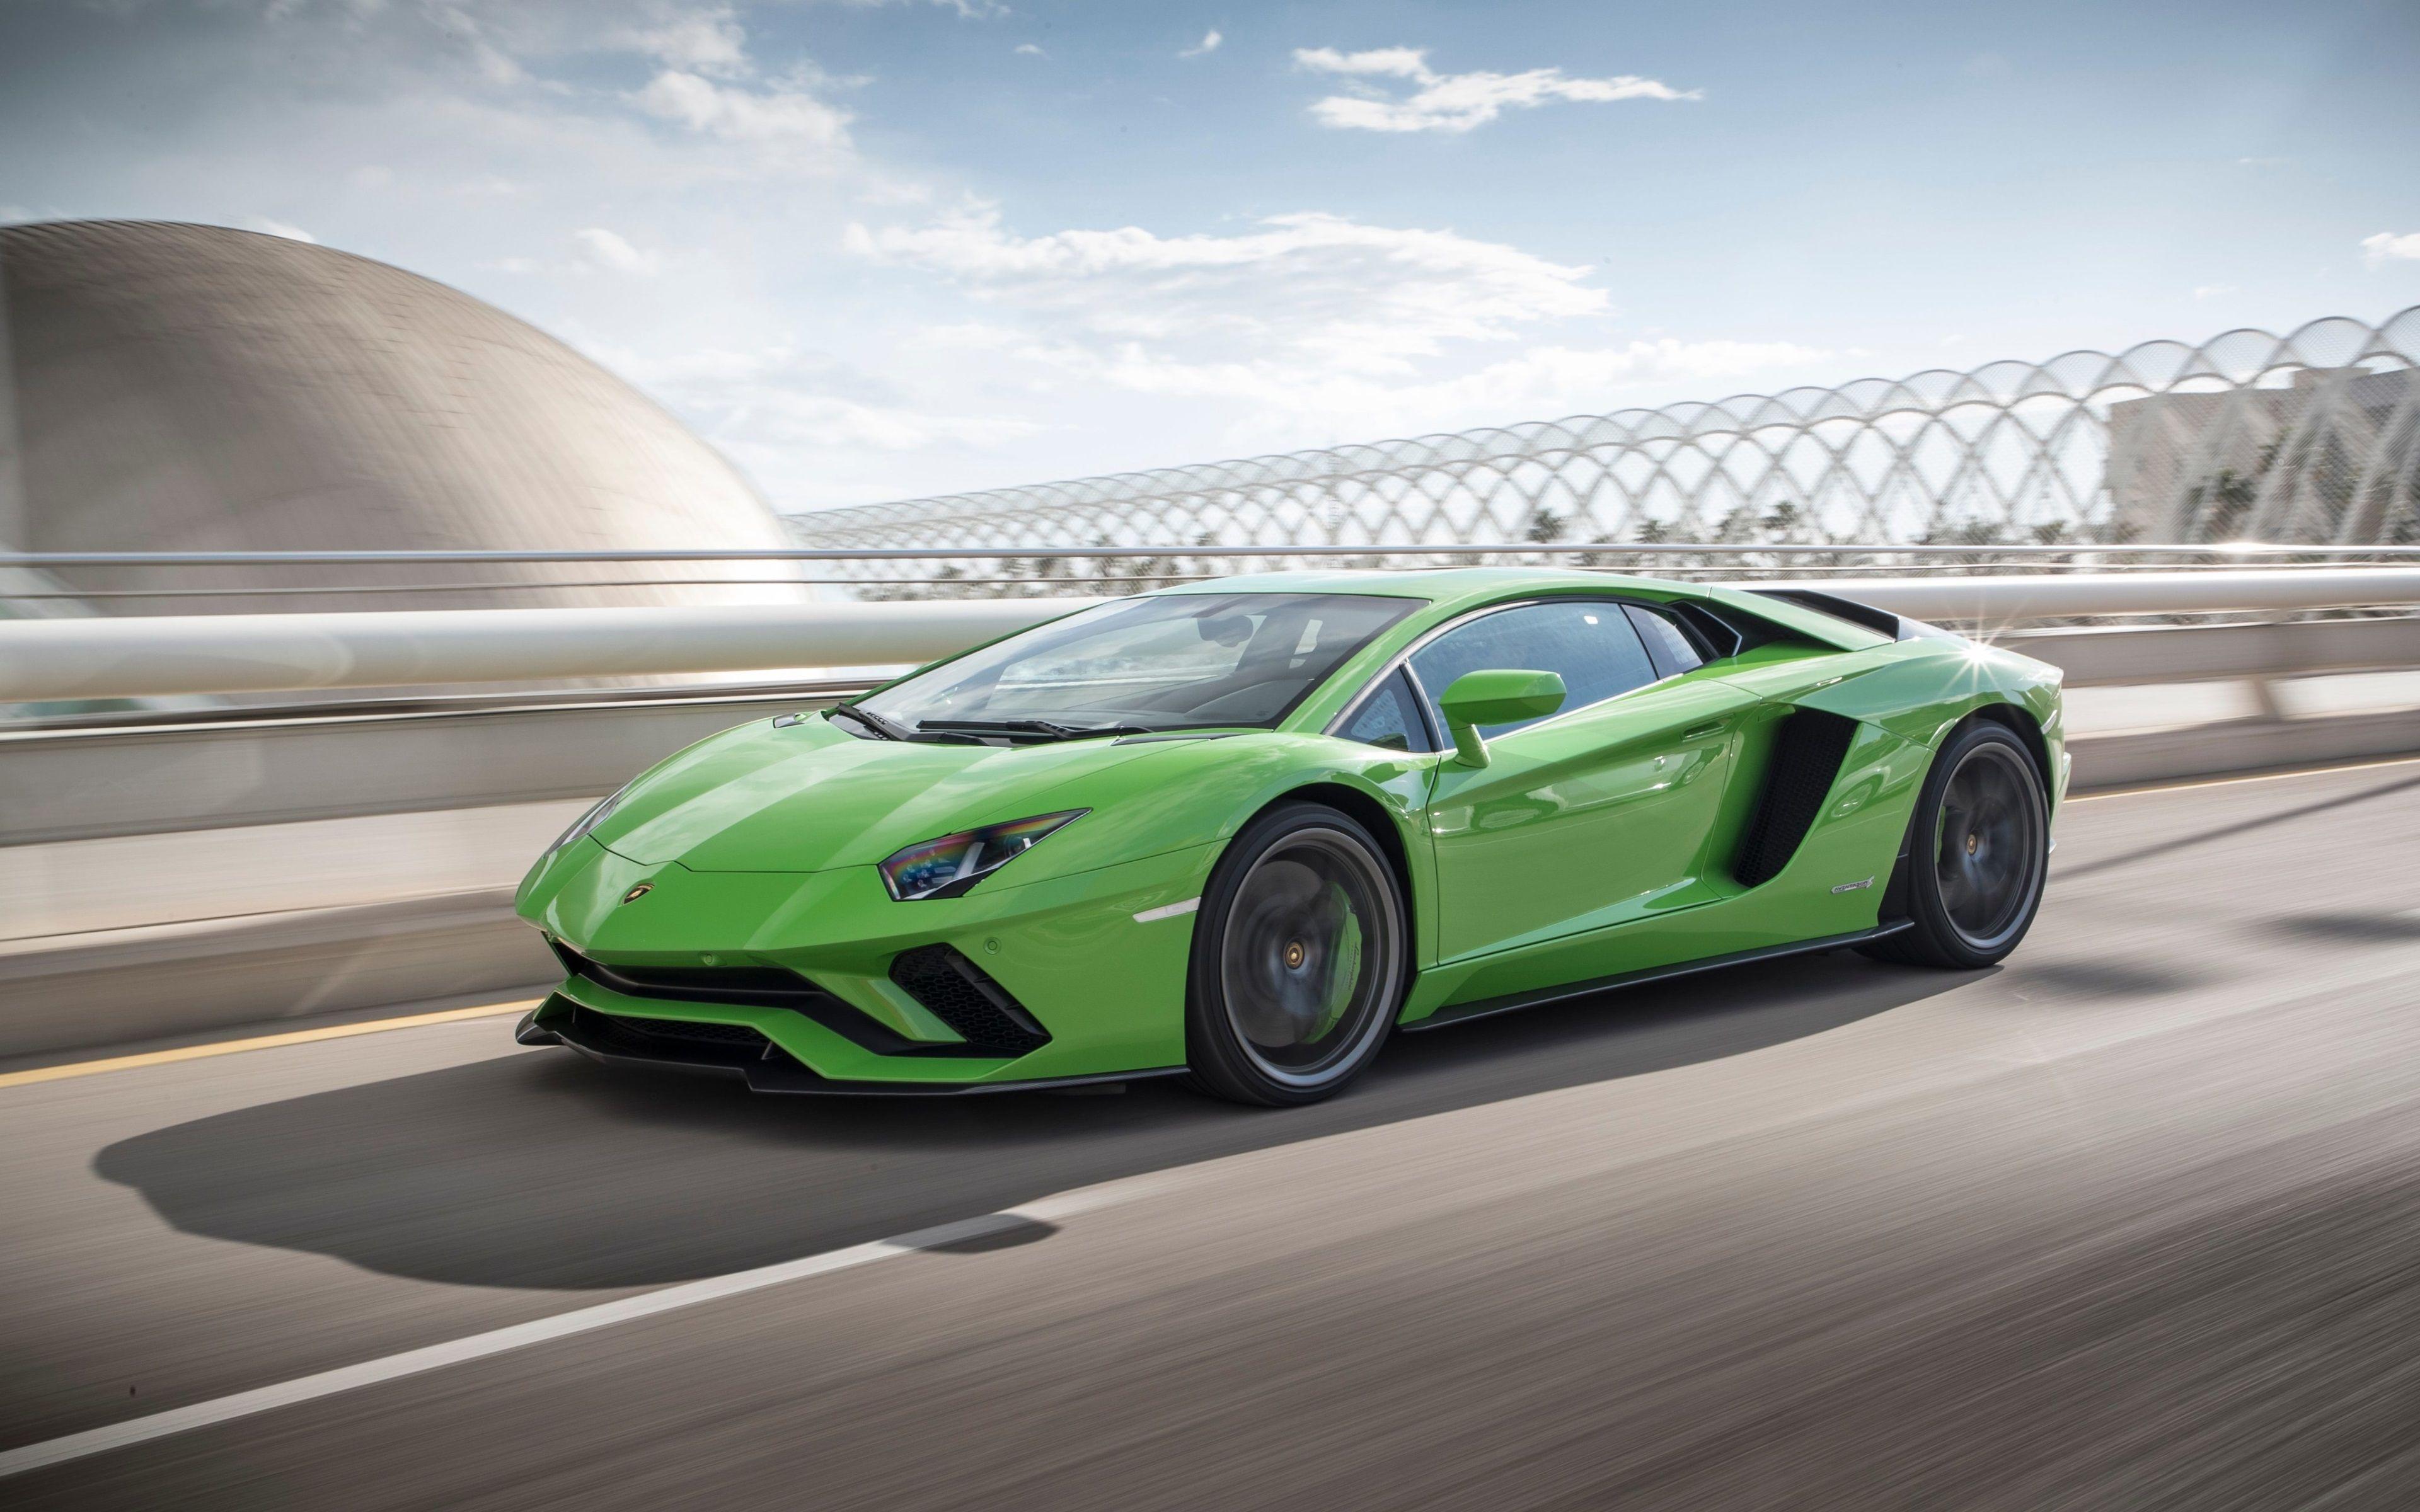 3840x2400 Lamborghini Aventador S 4k Coolest Wallpaper